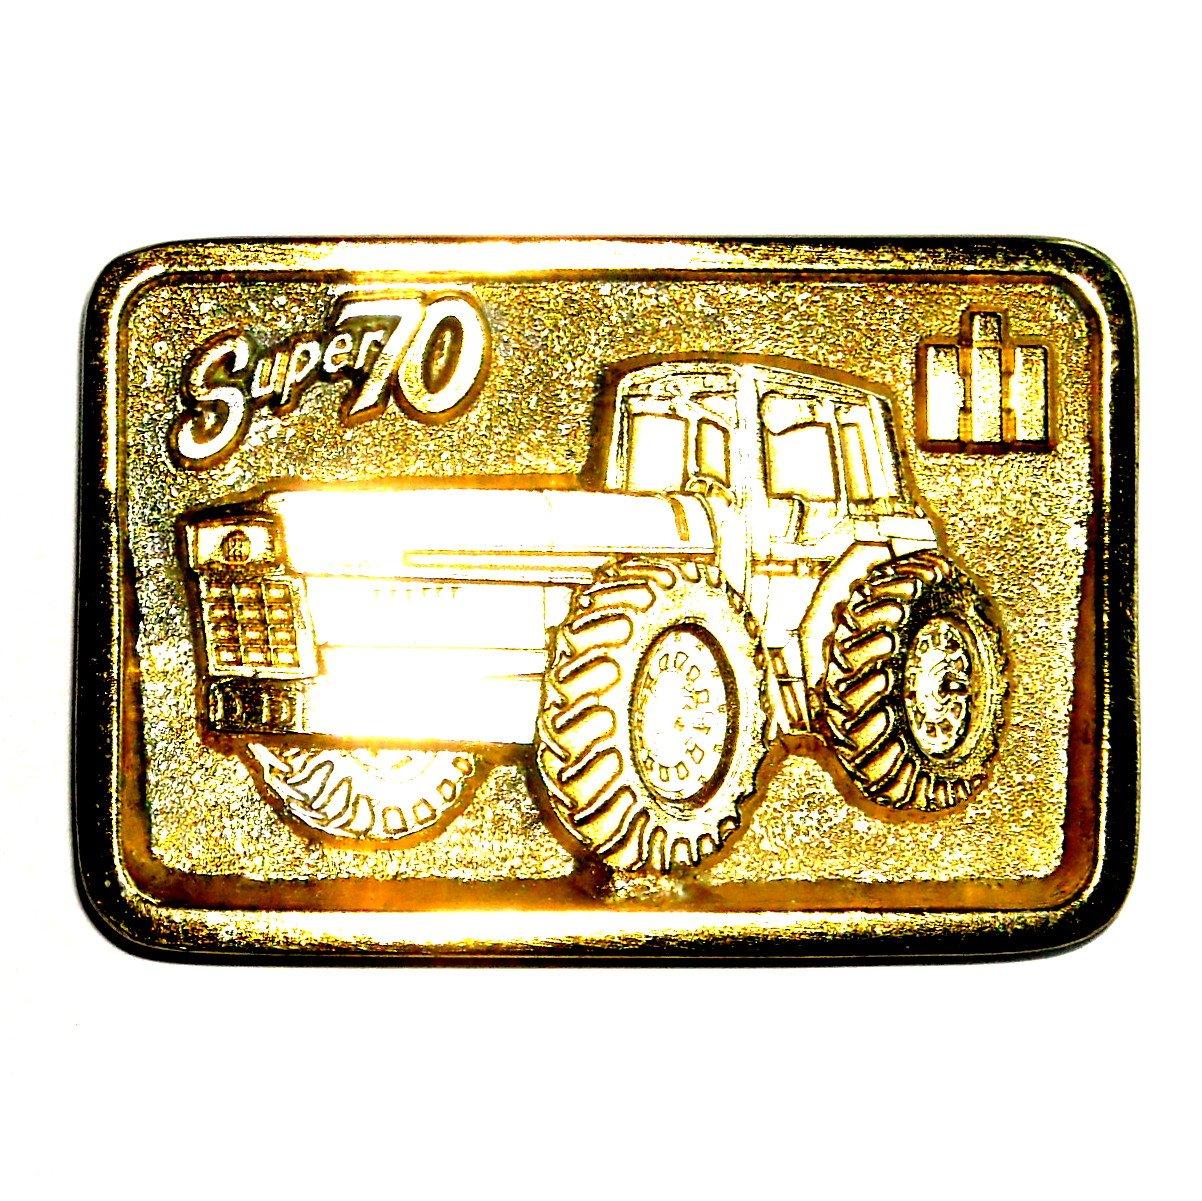 IH International Harvester Super 70 Cleveland Edition Gold Color Belt Buckle